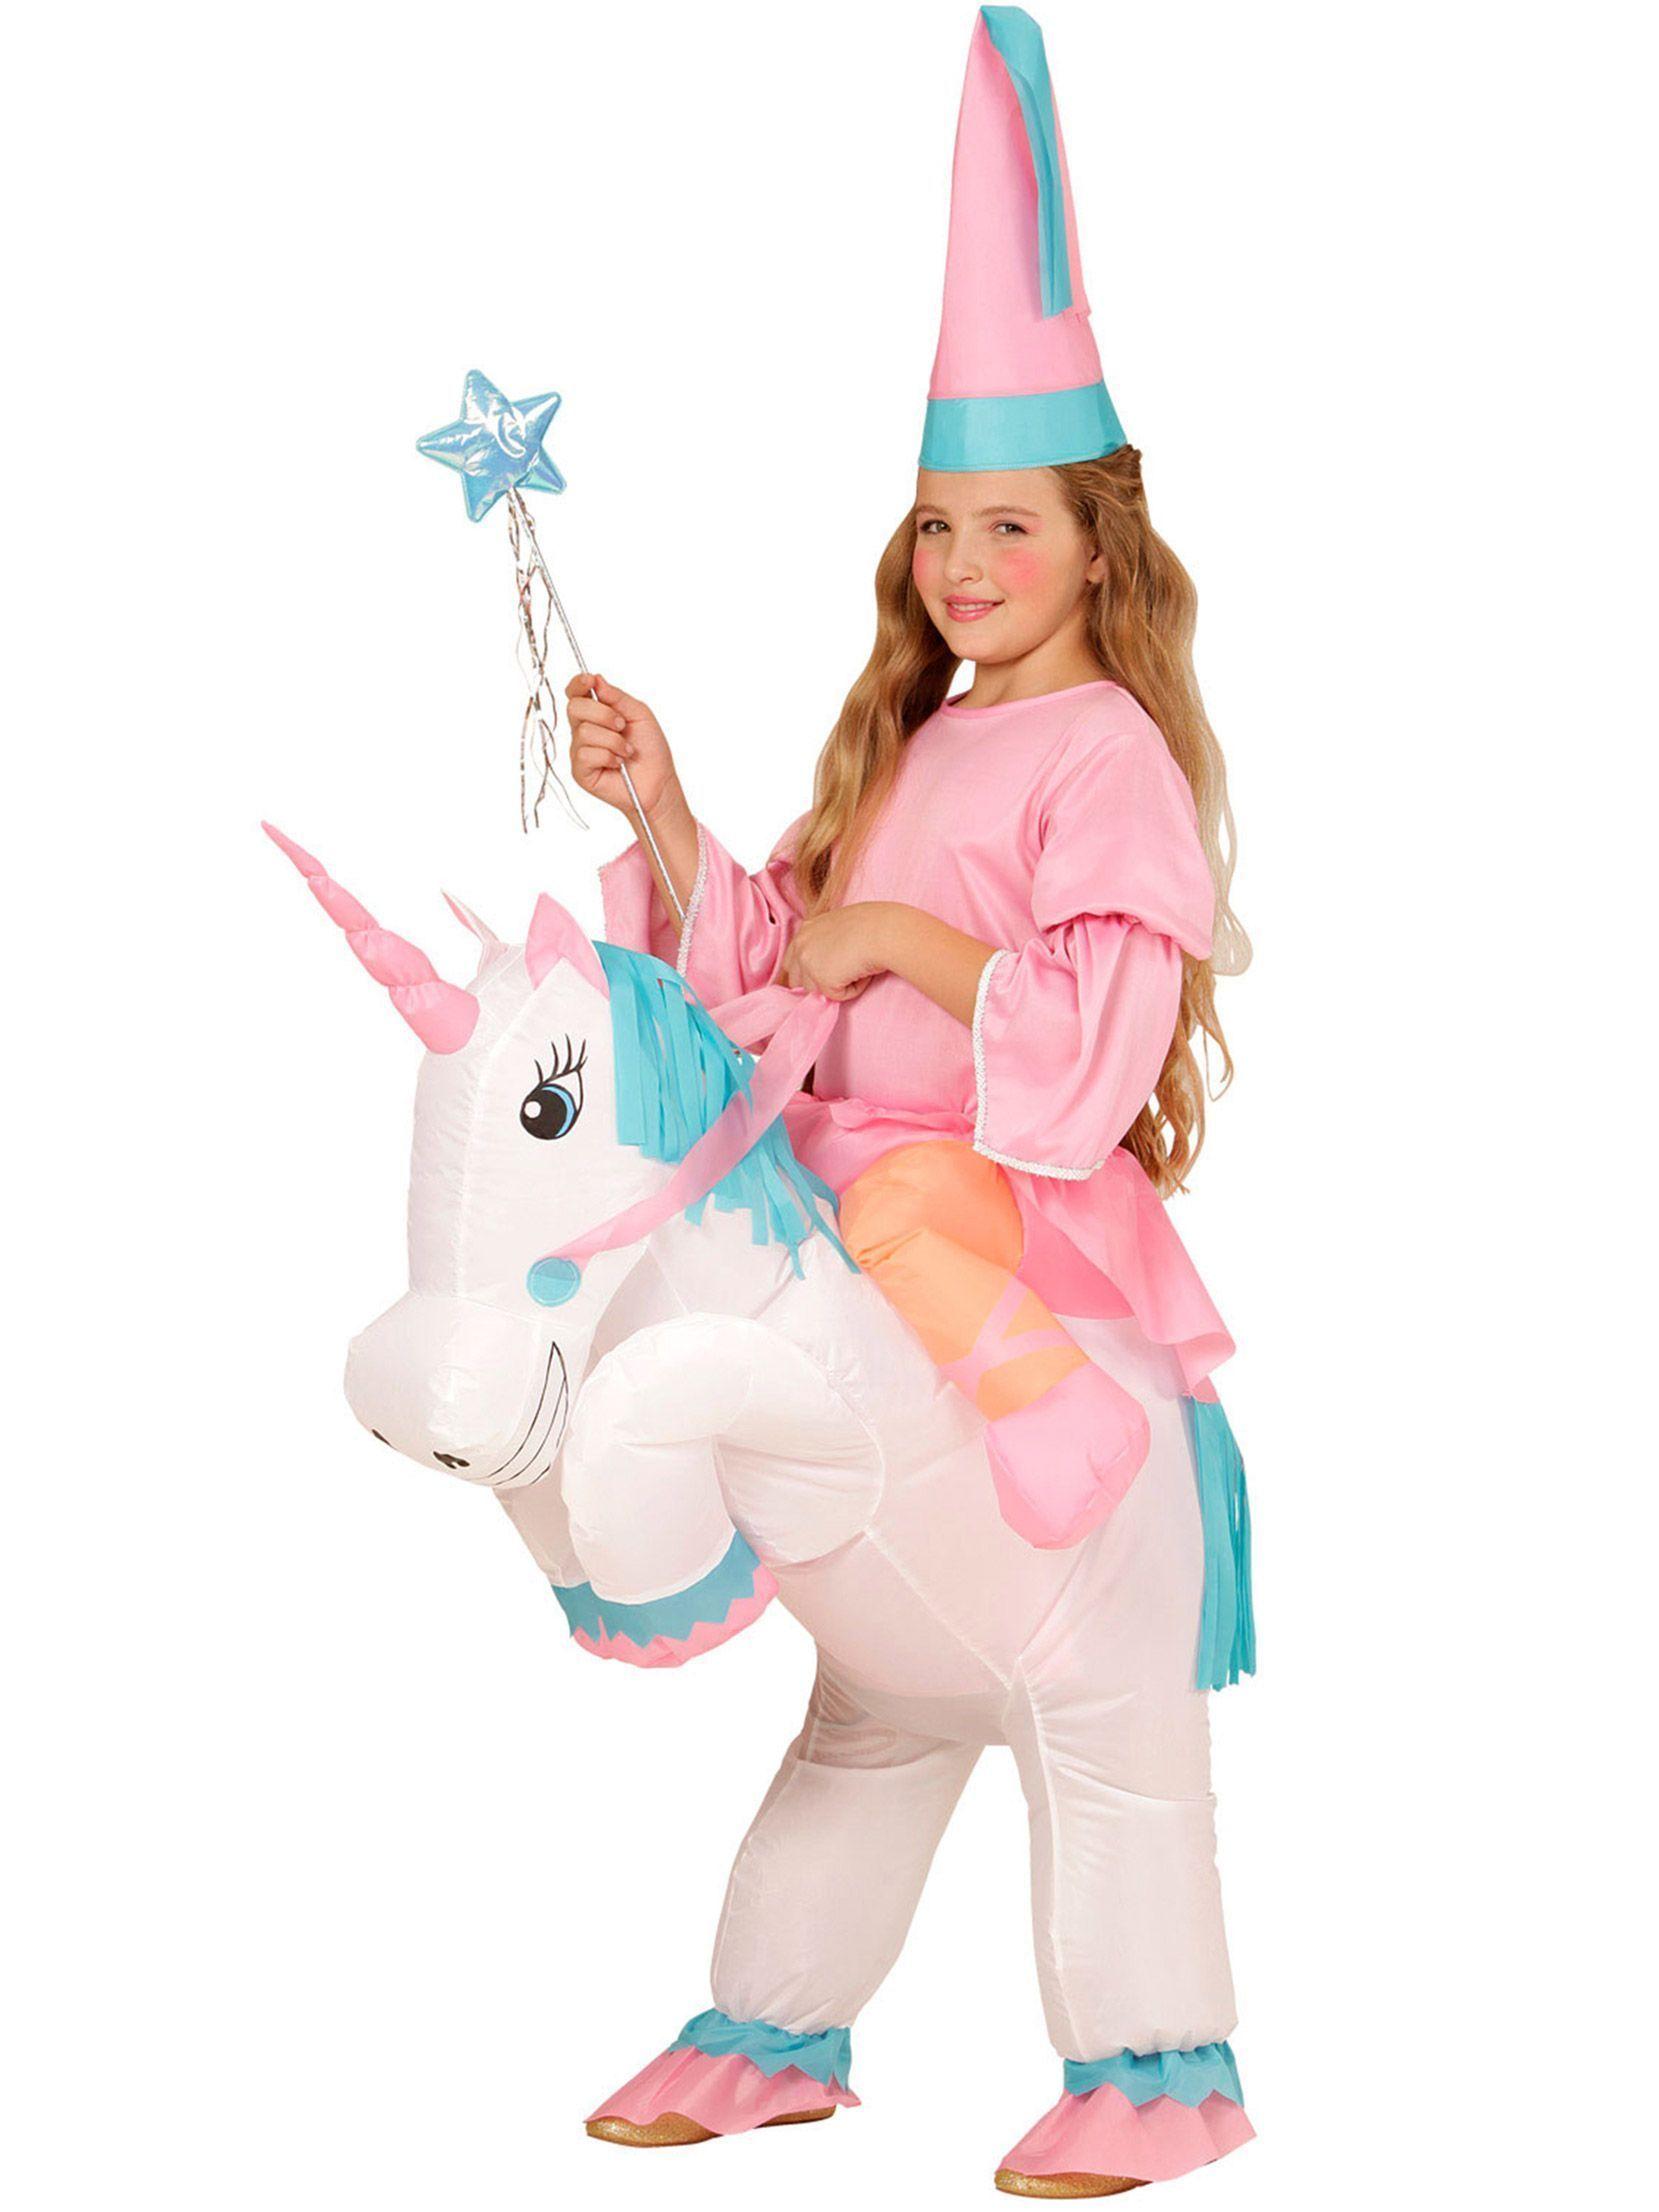 Déguisement princesse à dos de licorne gonflable fille   Ce déguisement de  princesse à dos de licorne gonflable est pour fille. Il se compose de la  licorne ... e60d38922b51